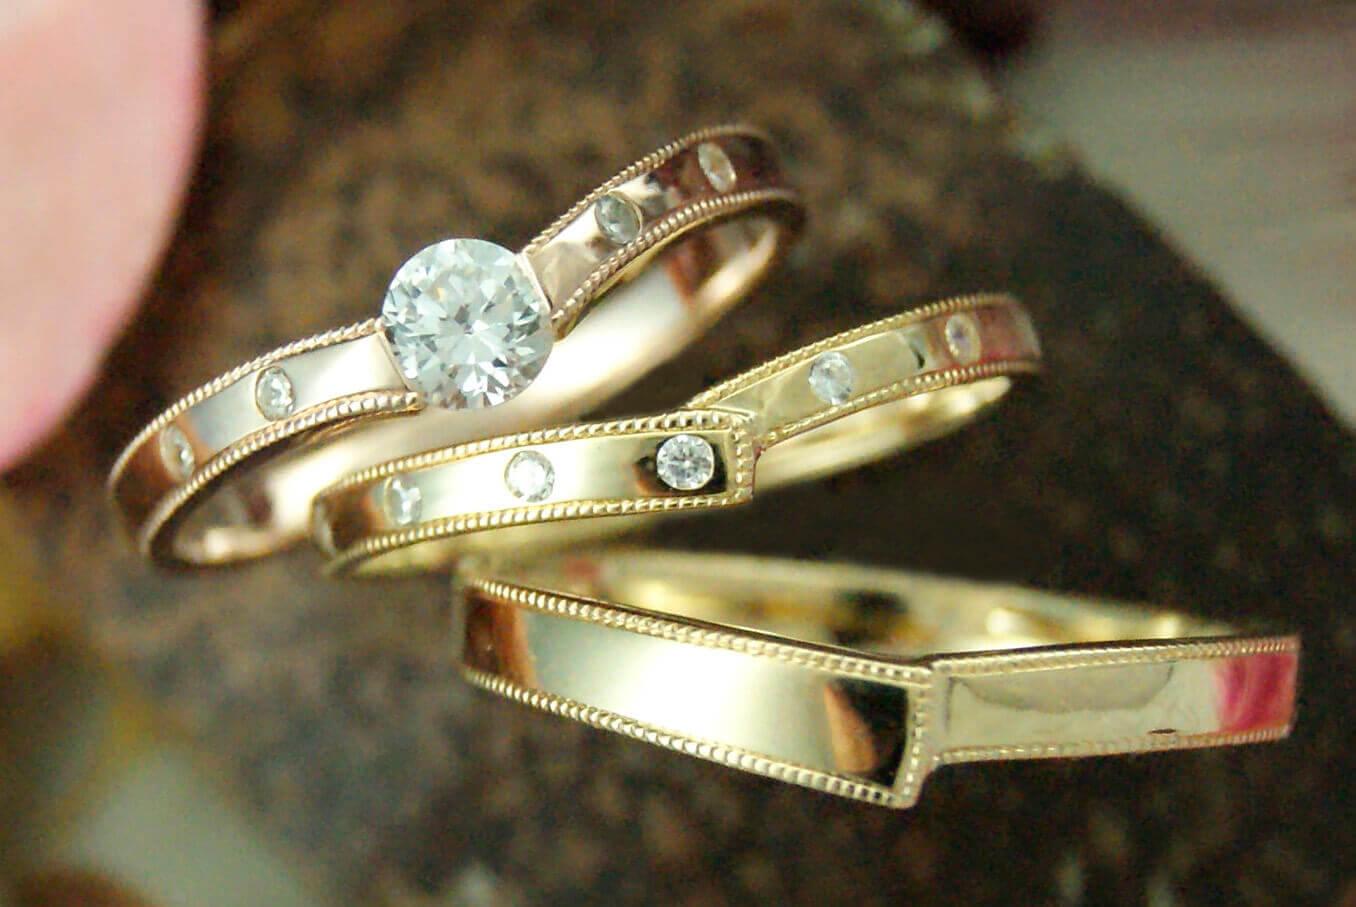 デザイン | アンティーク | かざりやゆい | 世界に一つだけの結婚指輪「kazariya Yui」 | 福島県郡山市